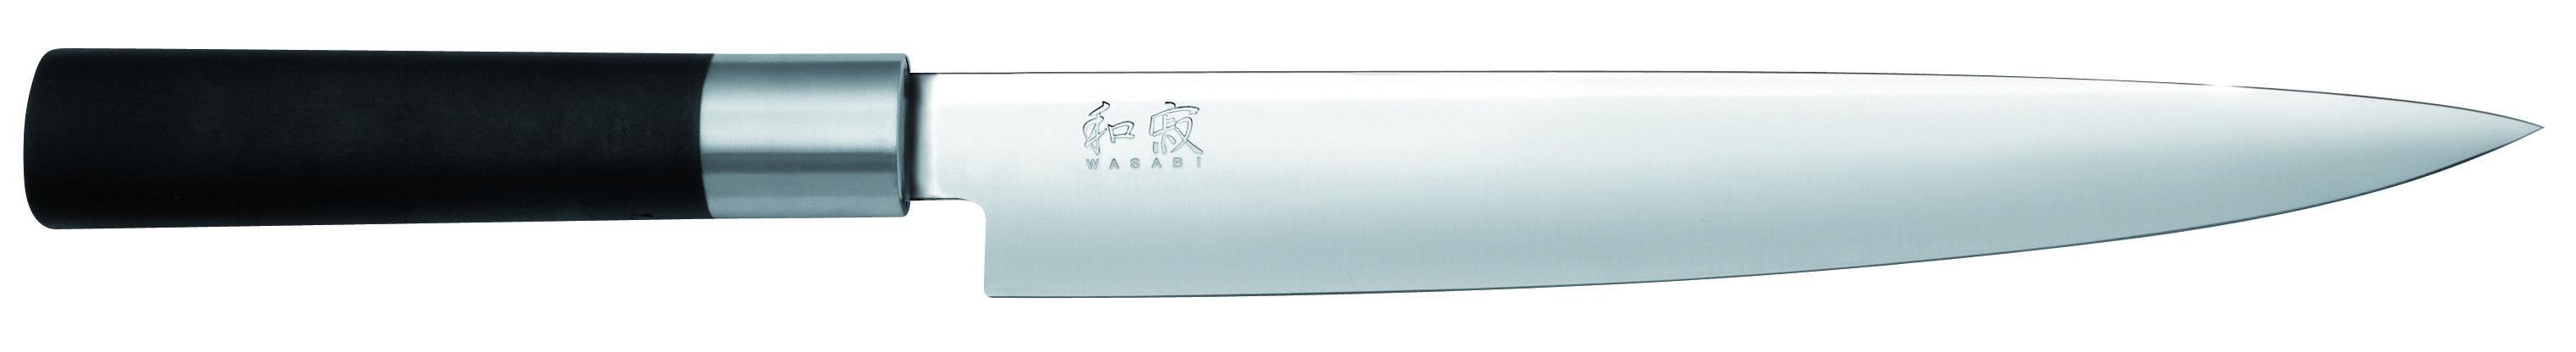 Wasabi Black - Dilimleme Bıçağı - 6723L